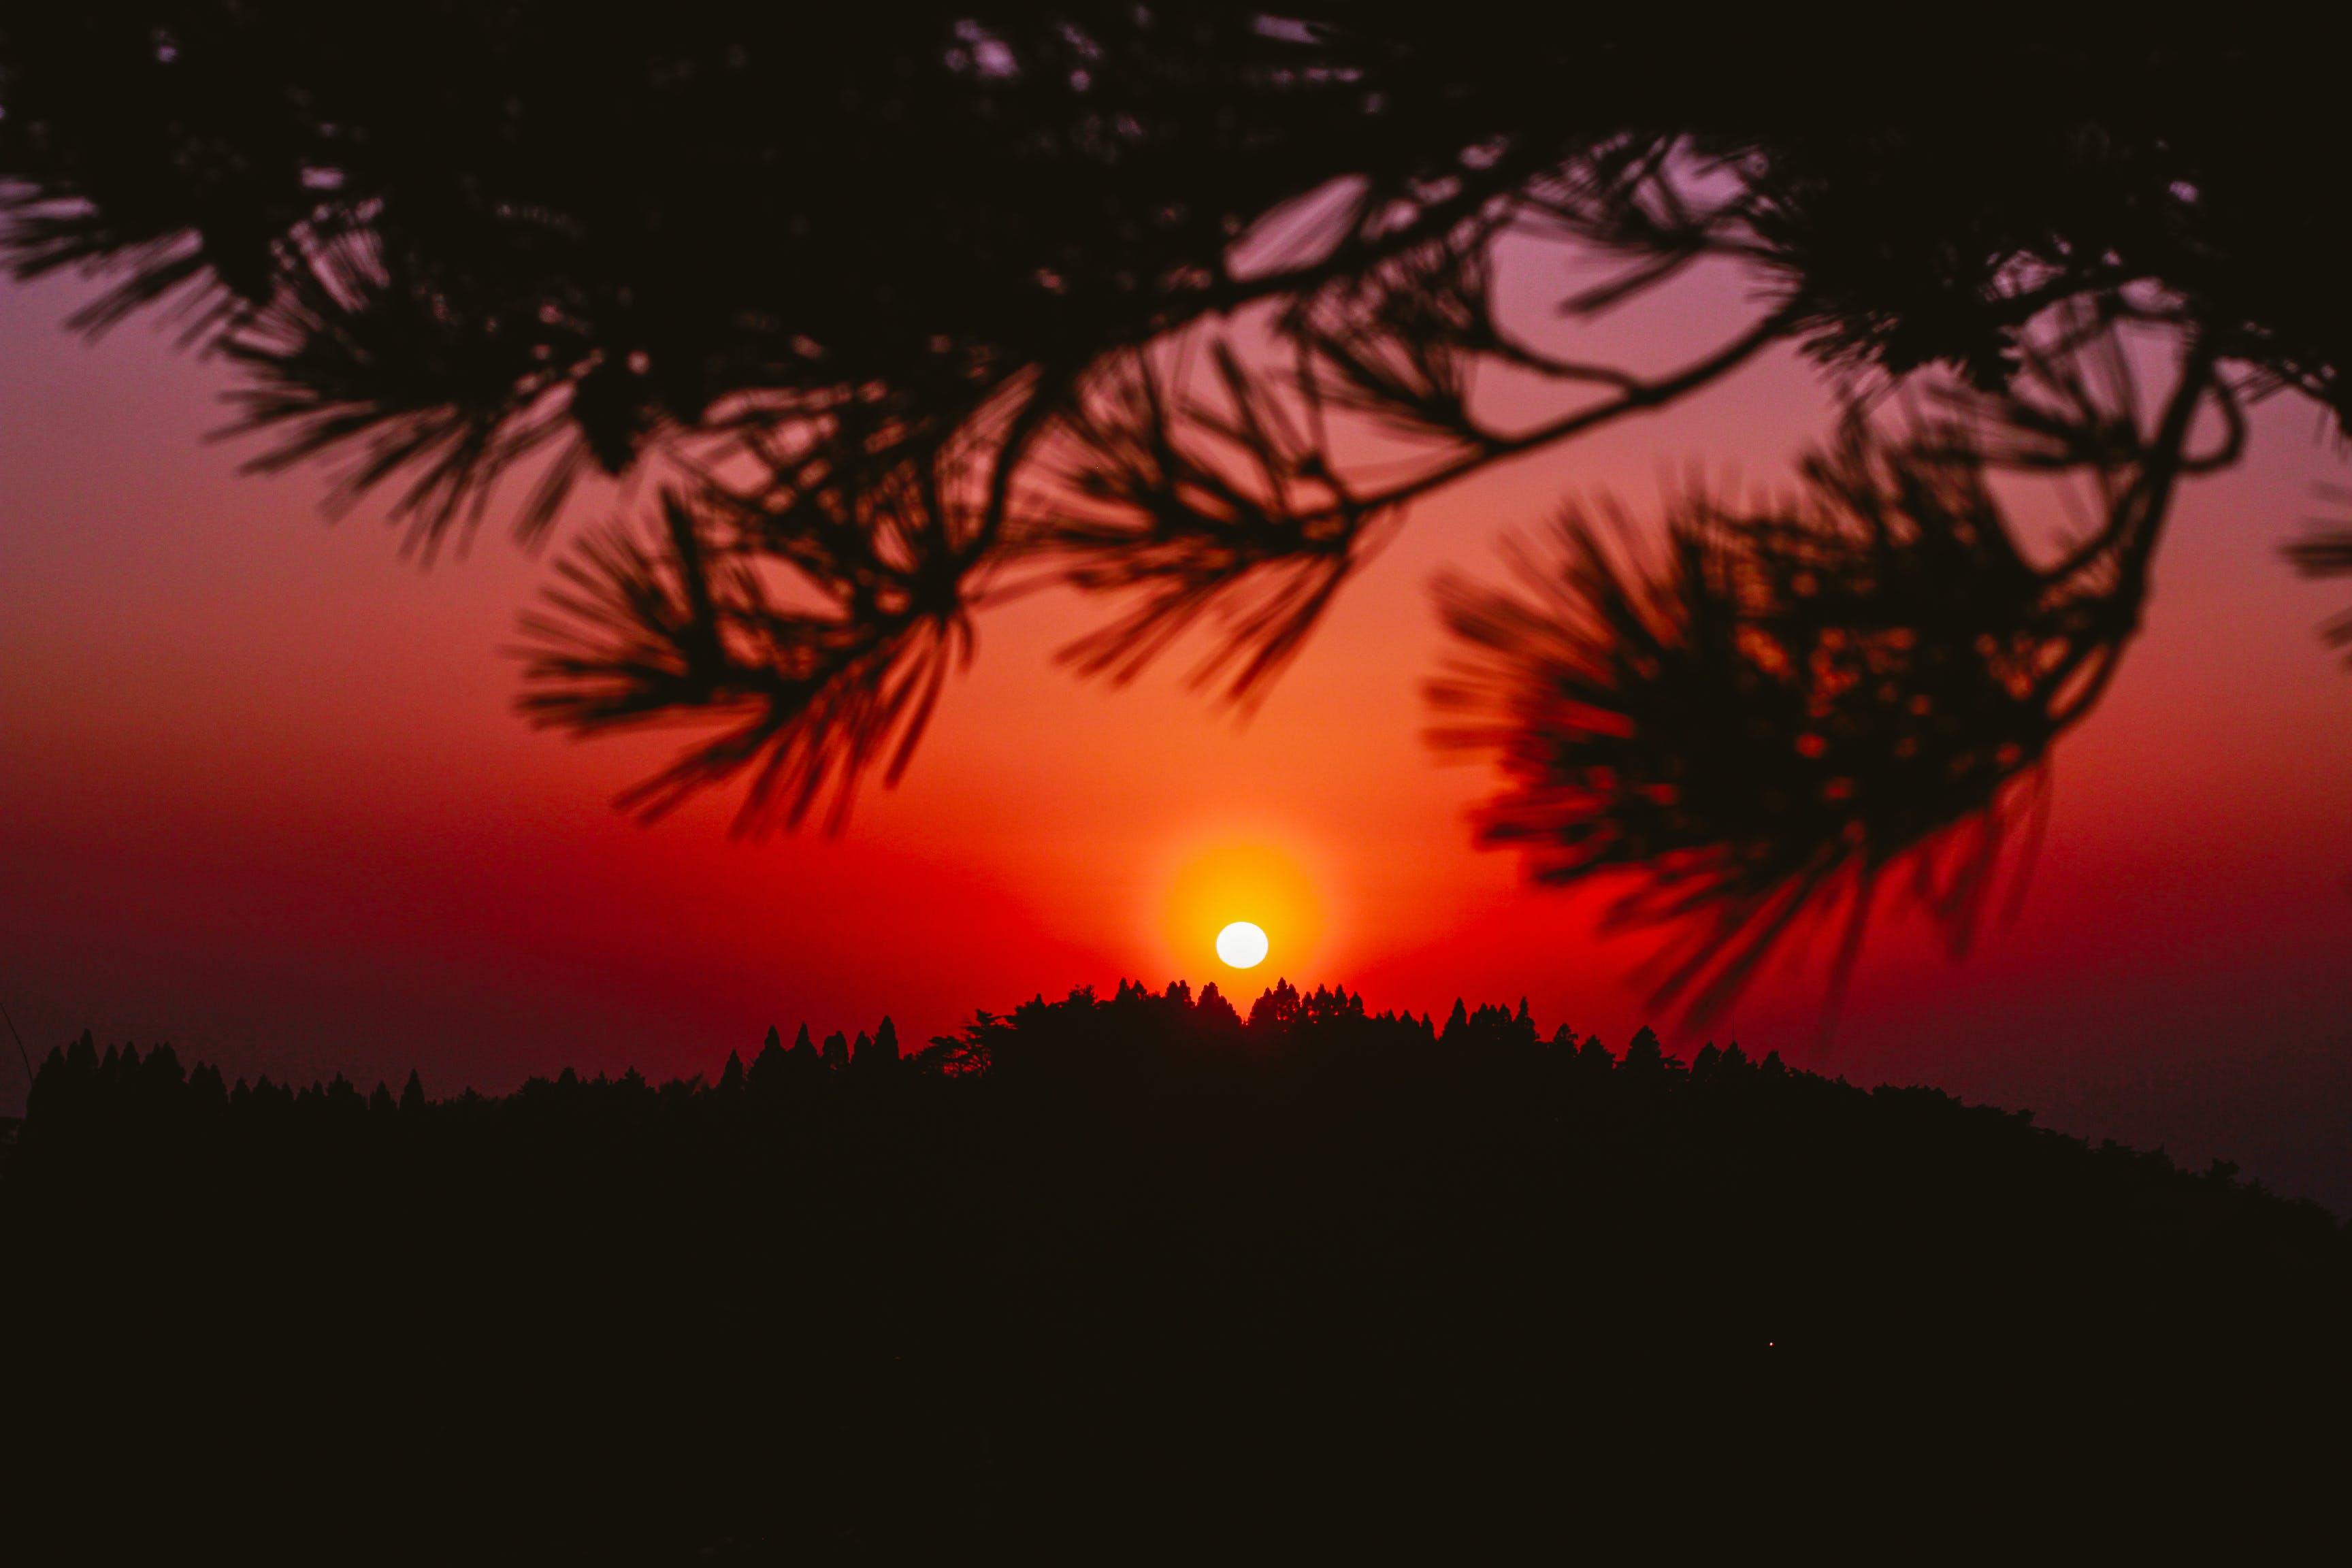 Free stock photo of nature, sky, sunset, dark